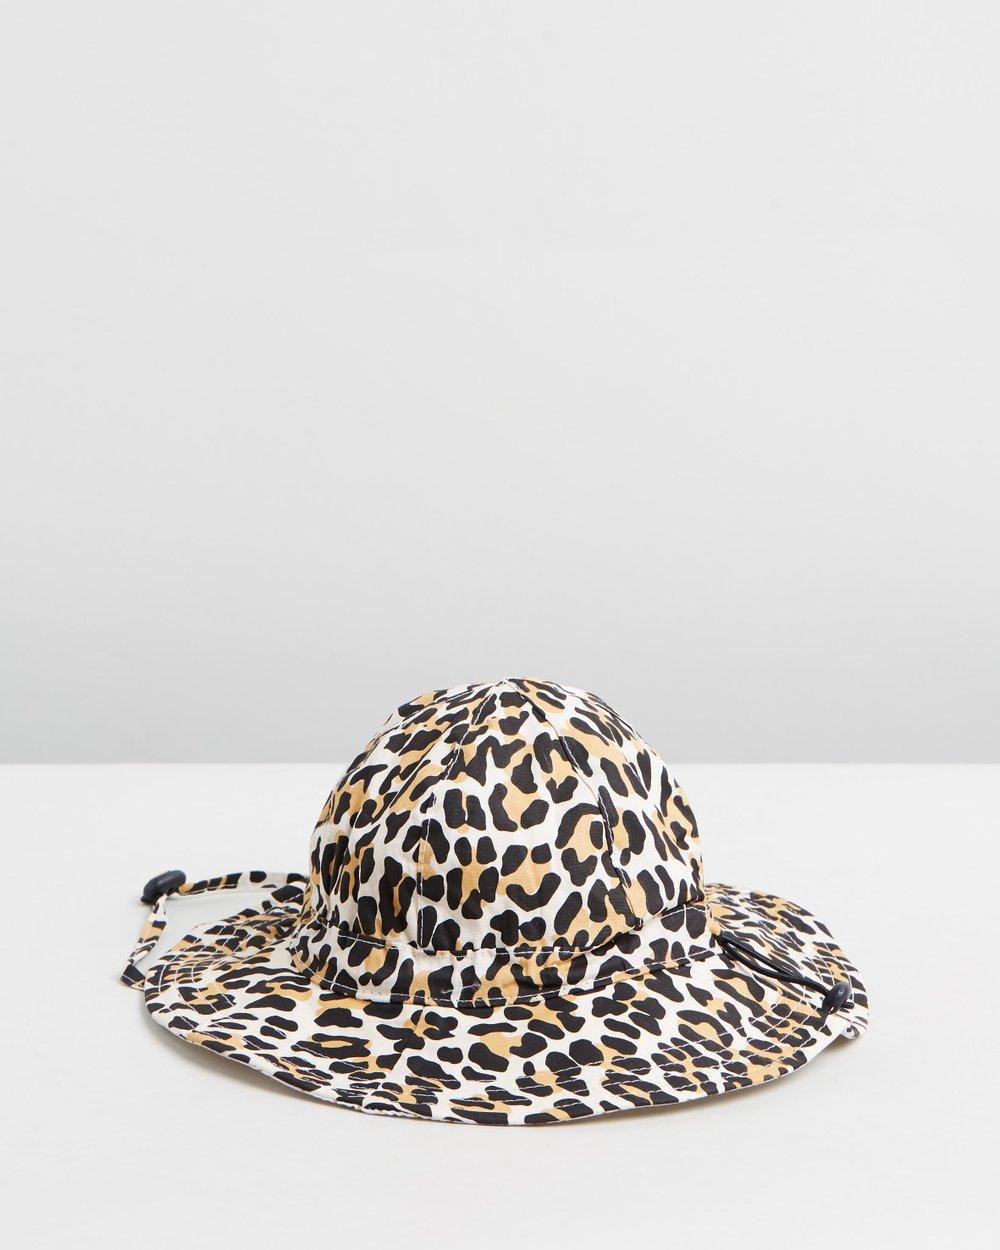 Leopard Floppy Hat by Acorn Kids Online  8f1535de9c48